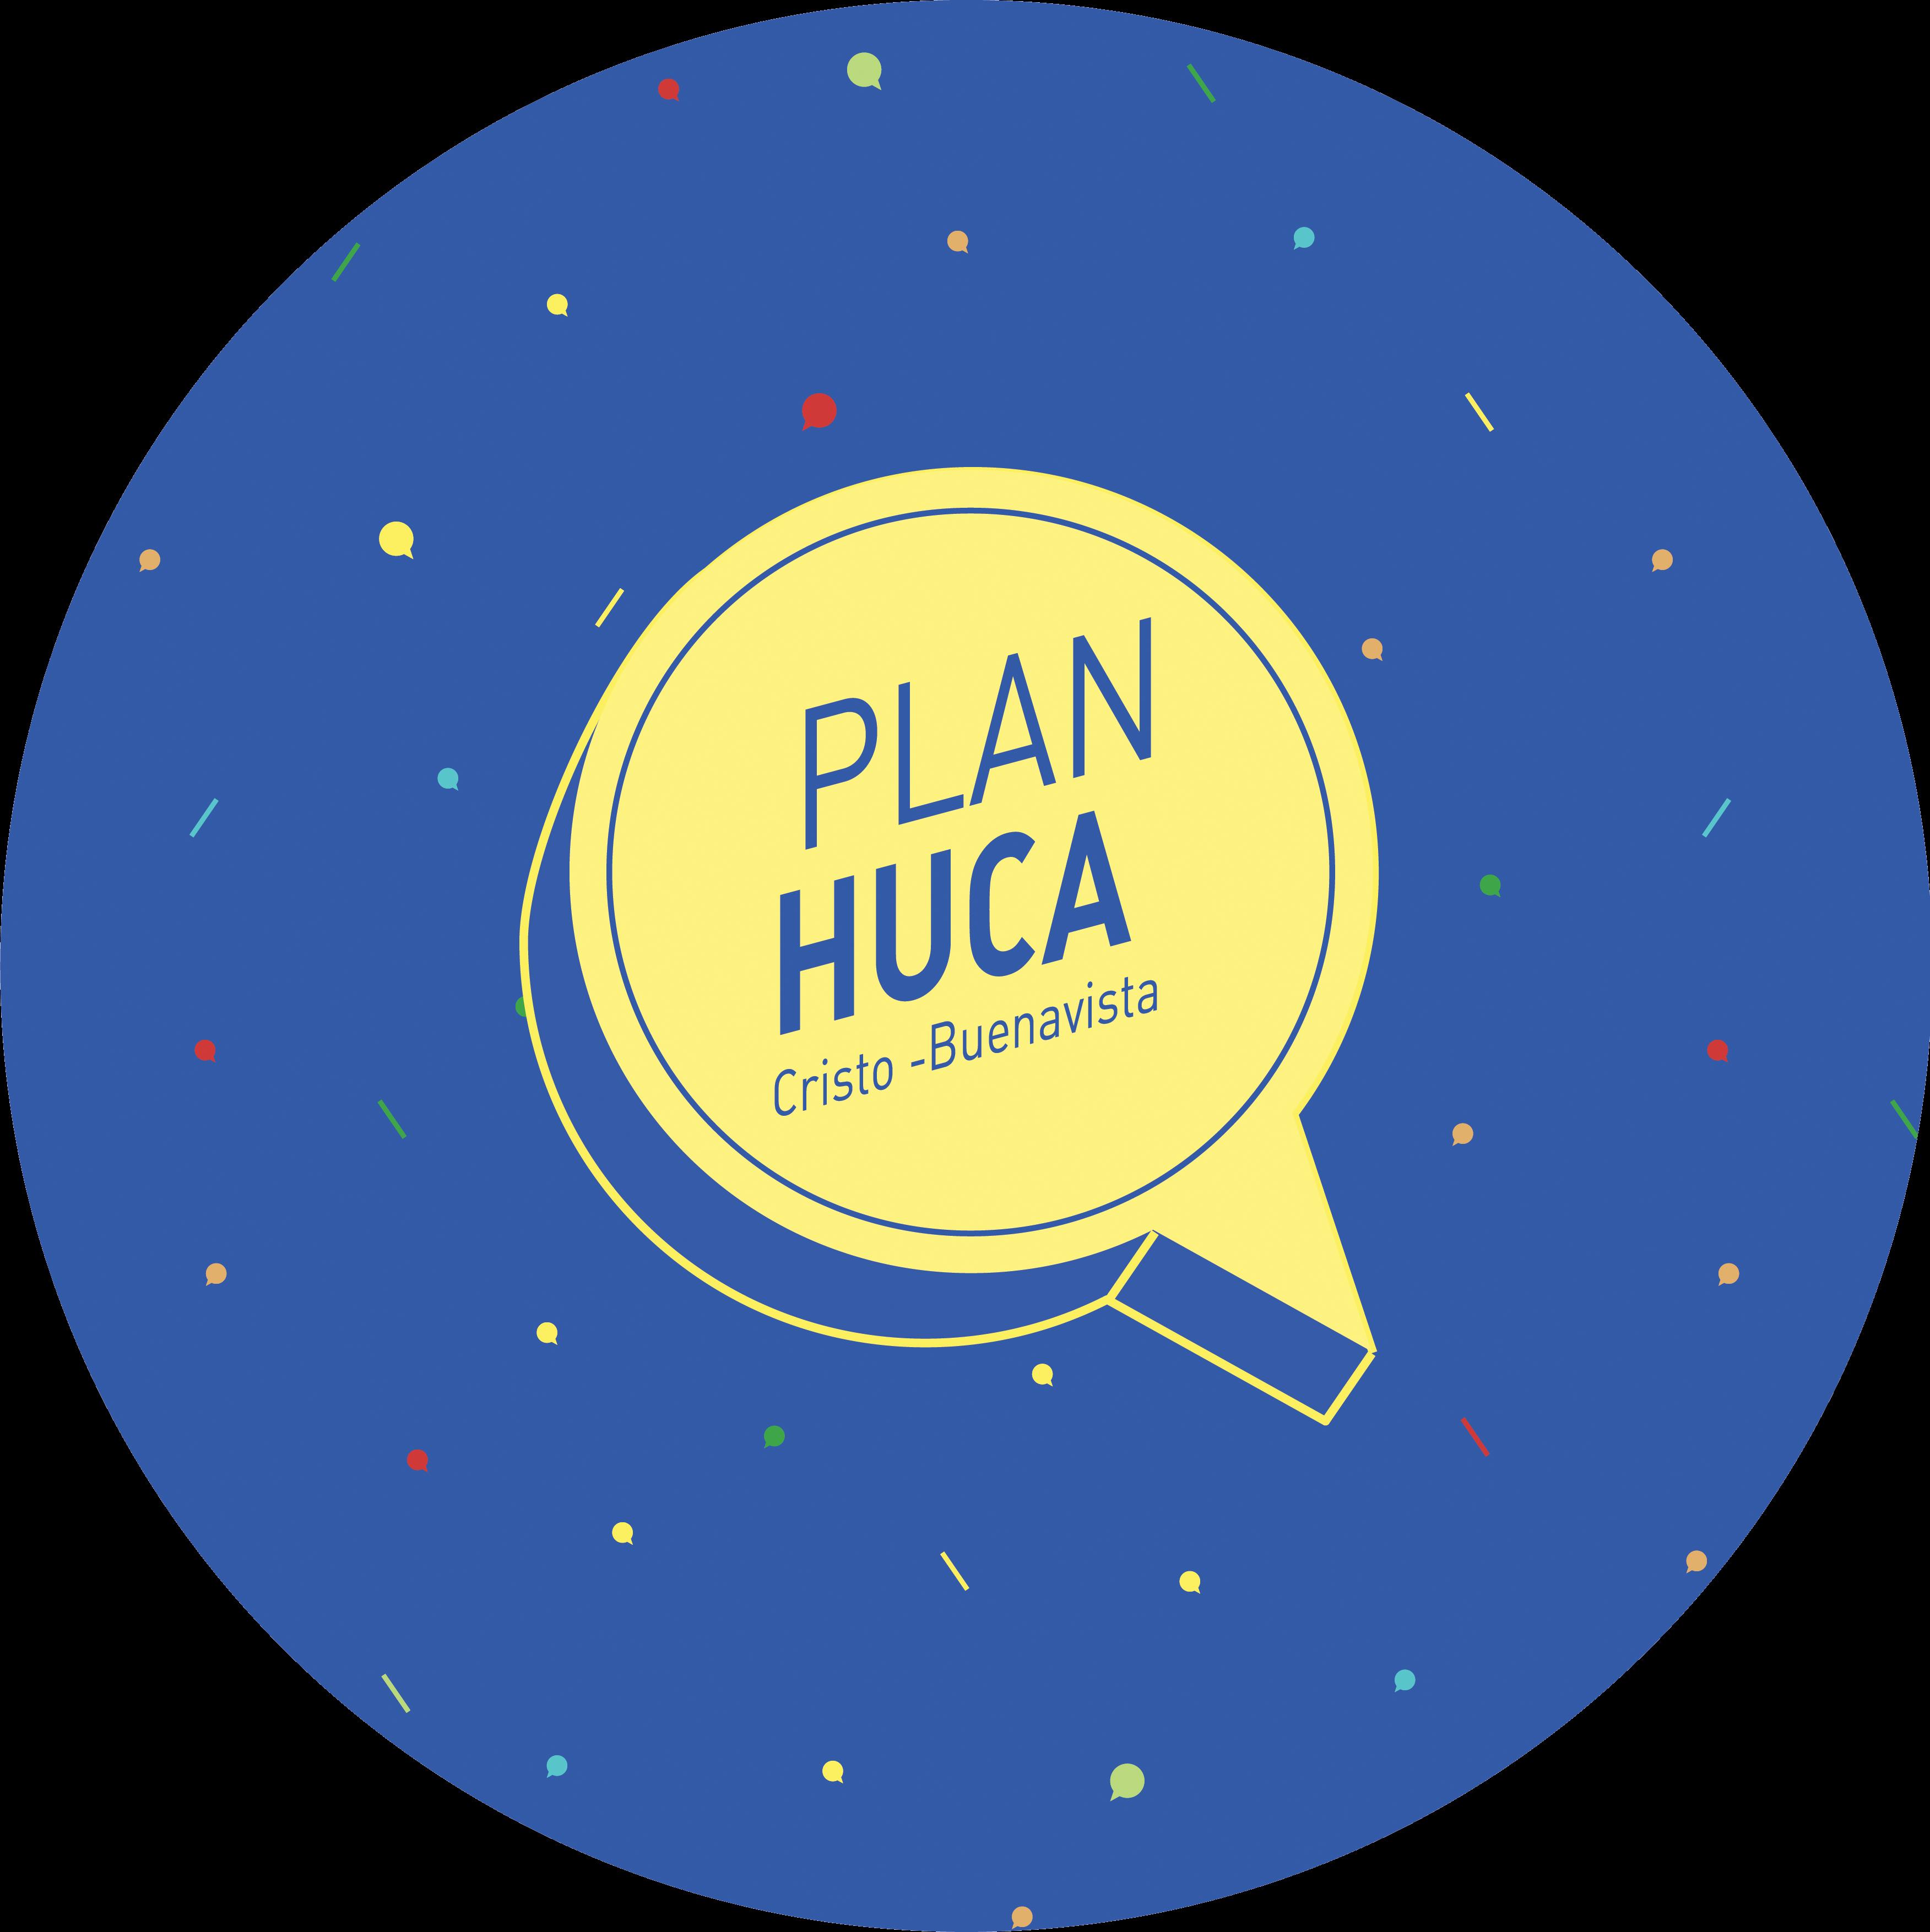 Plan HUCA